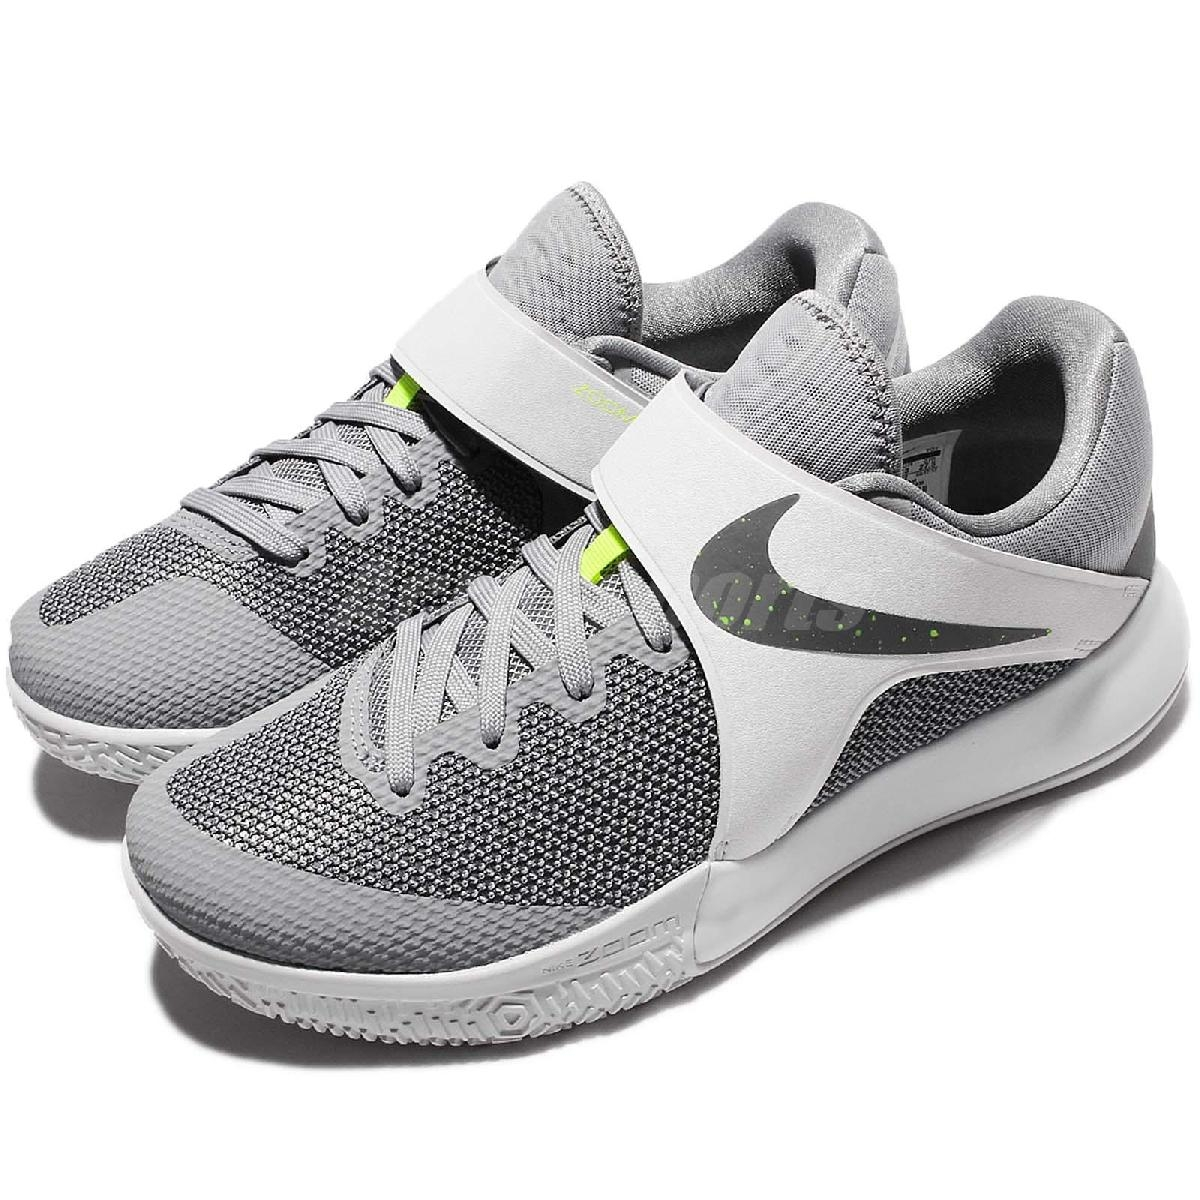 Nike籃球鞋Zoom Live EP灰綠魔鬼氈低筒球鞋推薦男鞋PUMP306 860633-002